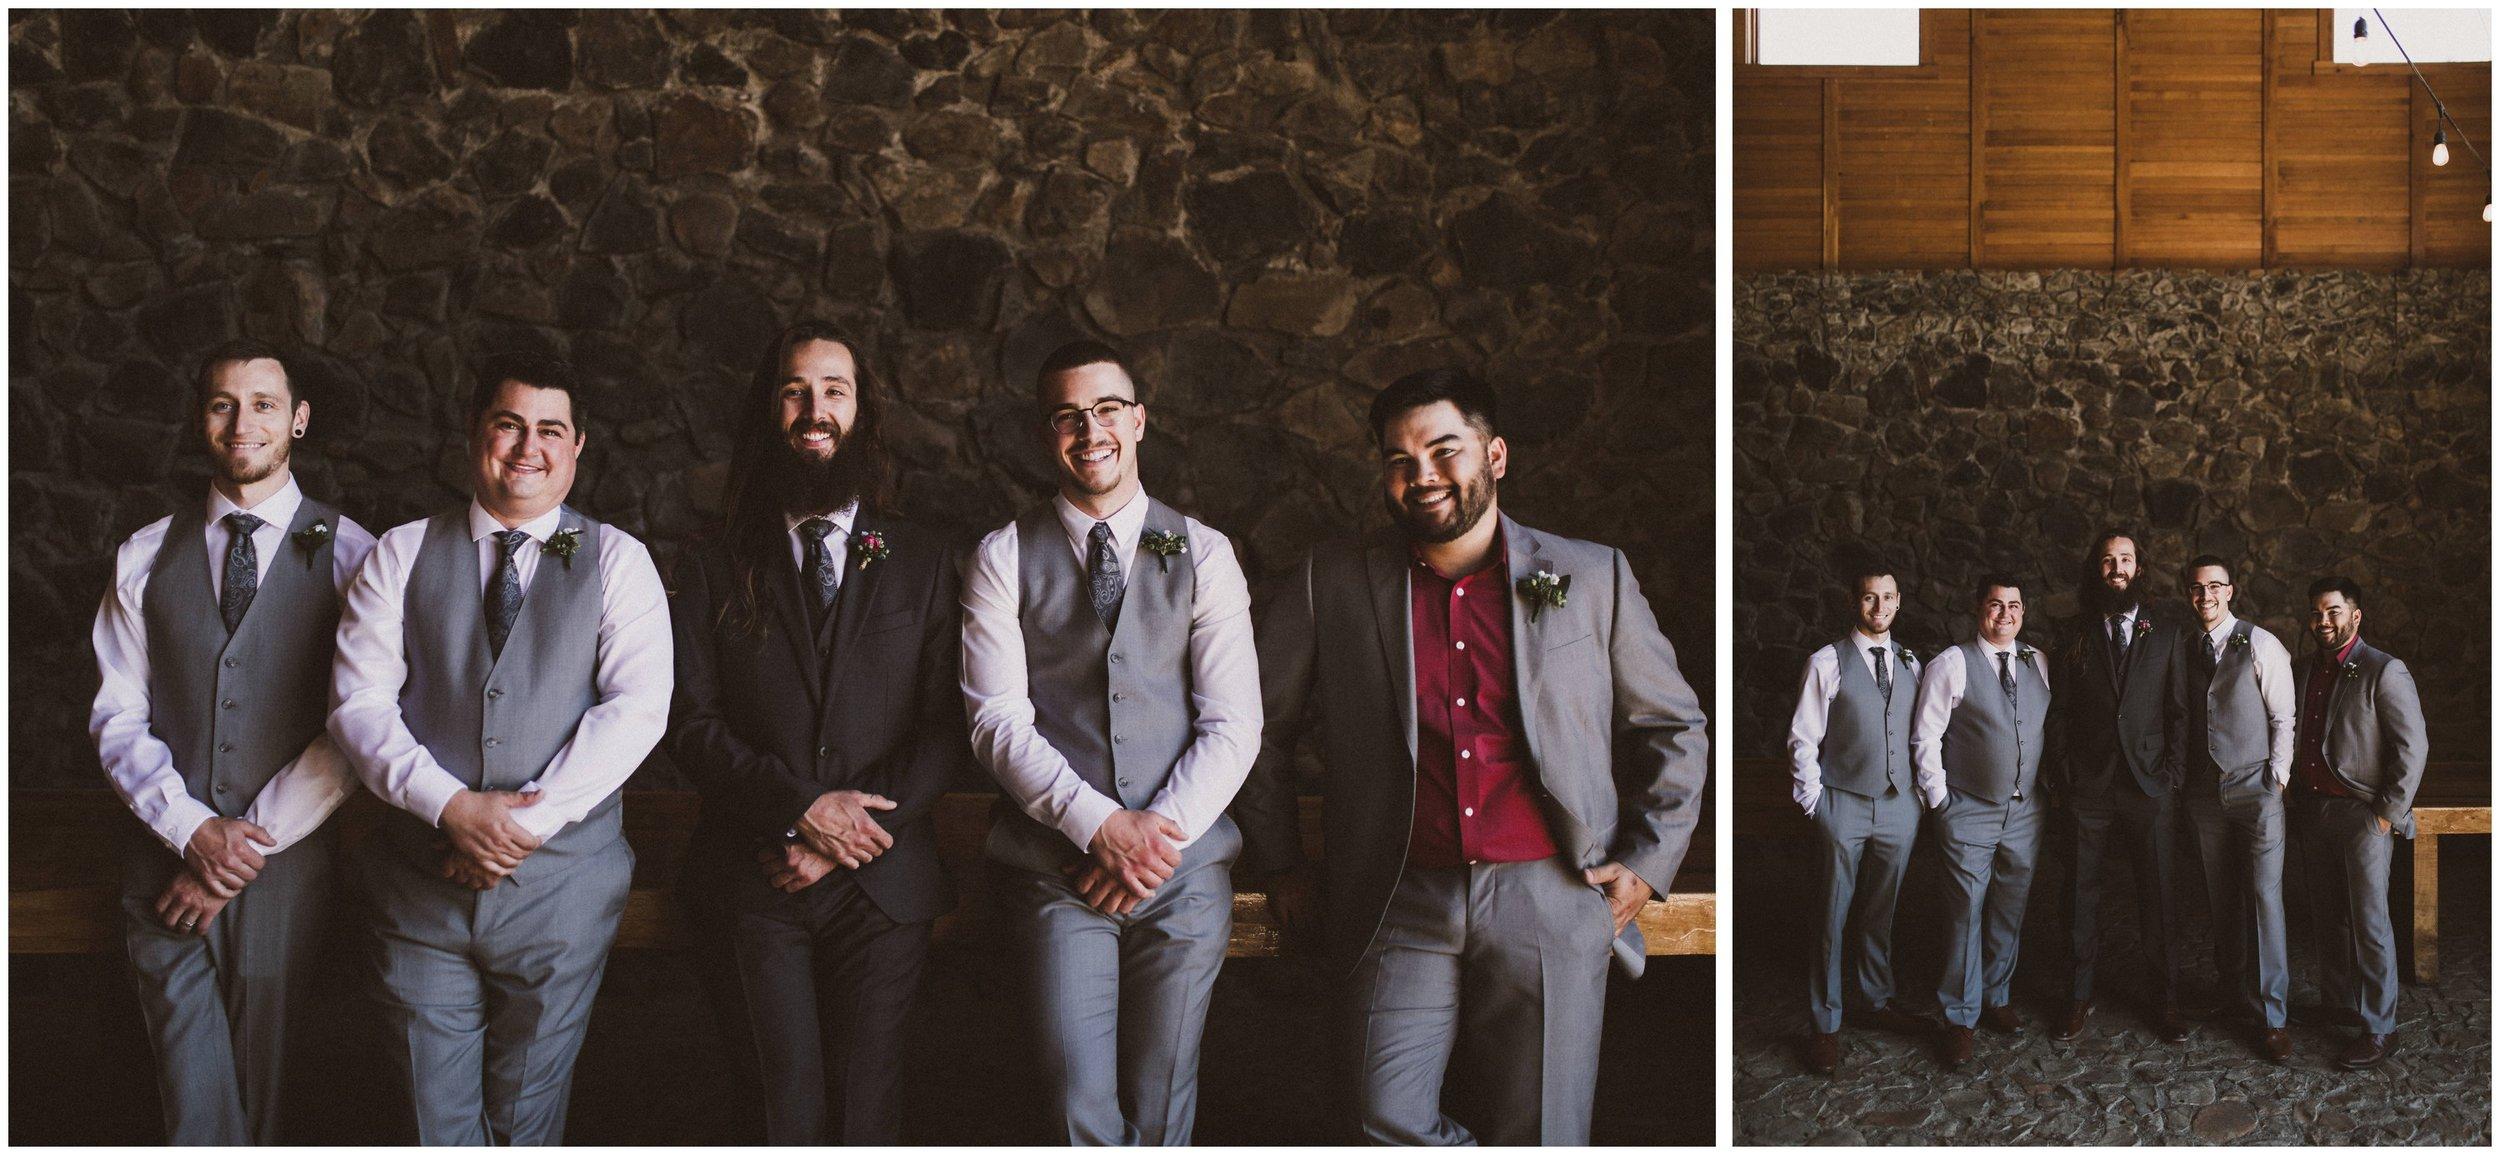 TONY-GAMBINO-PHOTOGRAPHY-BEND-OREGON-WEDDING-SHOOT-000_1518 groomsmen.jpg